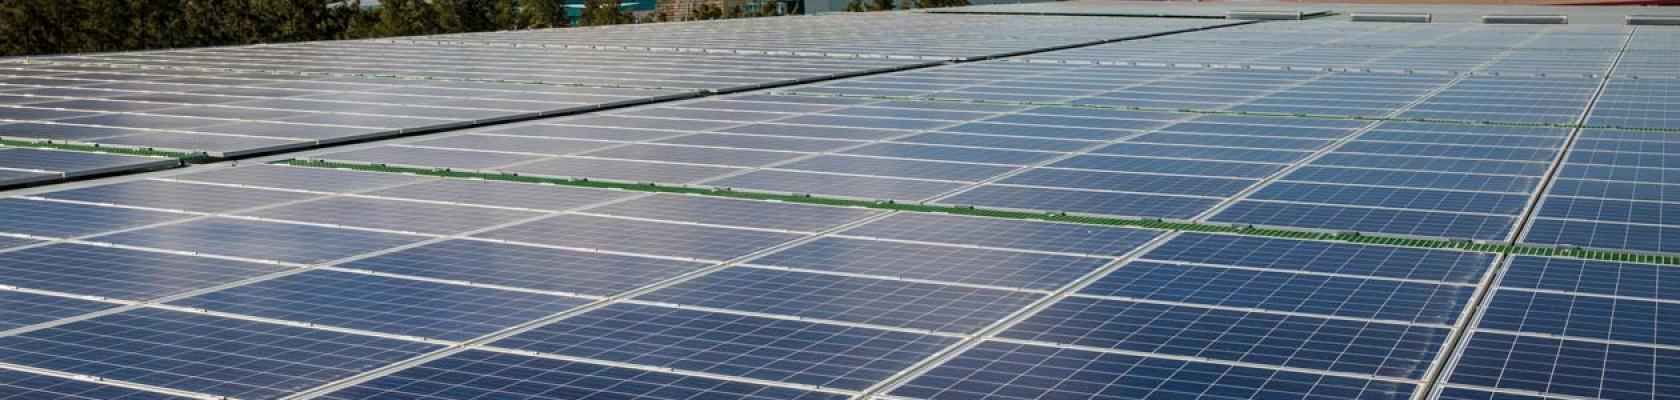 Panneaux solaires, Afrique du Sud